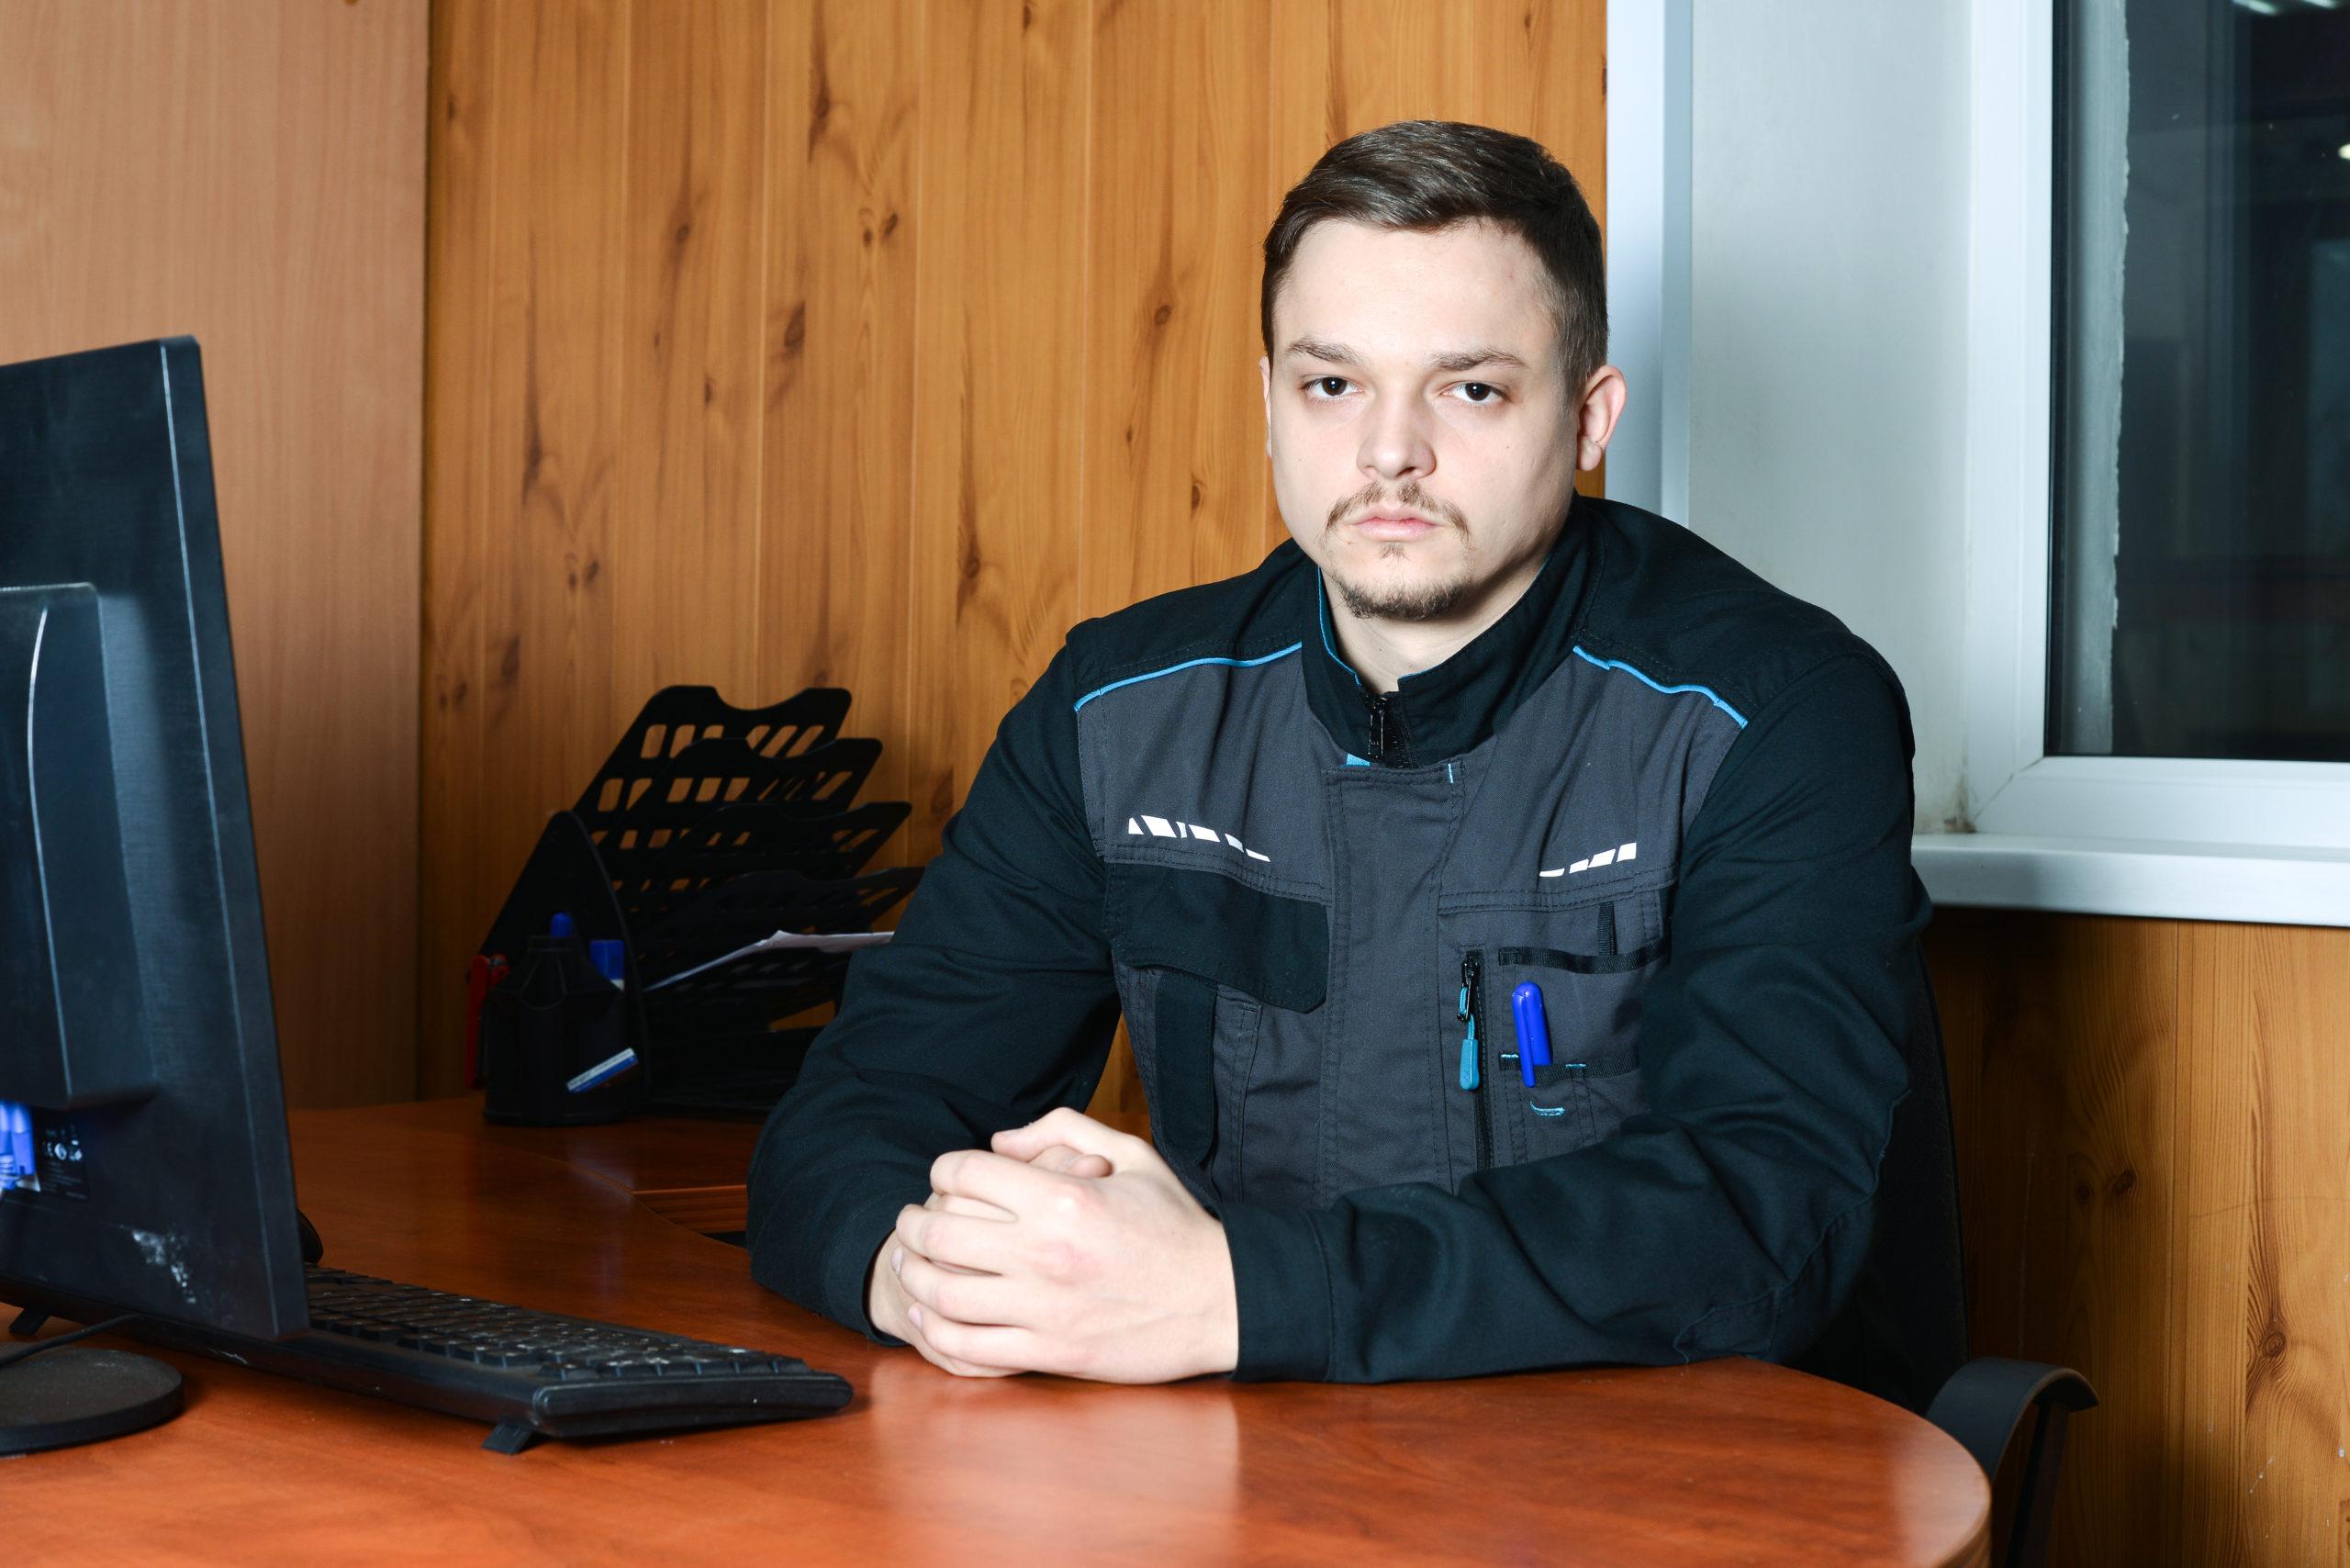 Раков Сергей Анатольевич (Начальник смены)